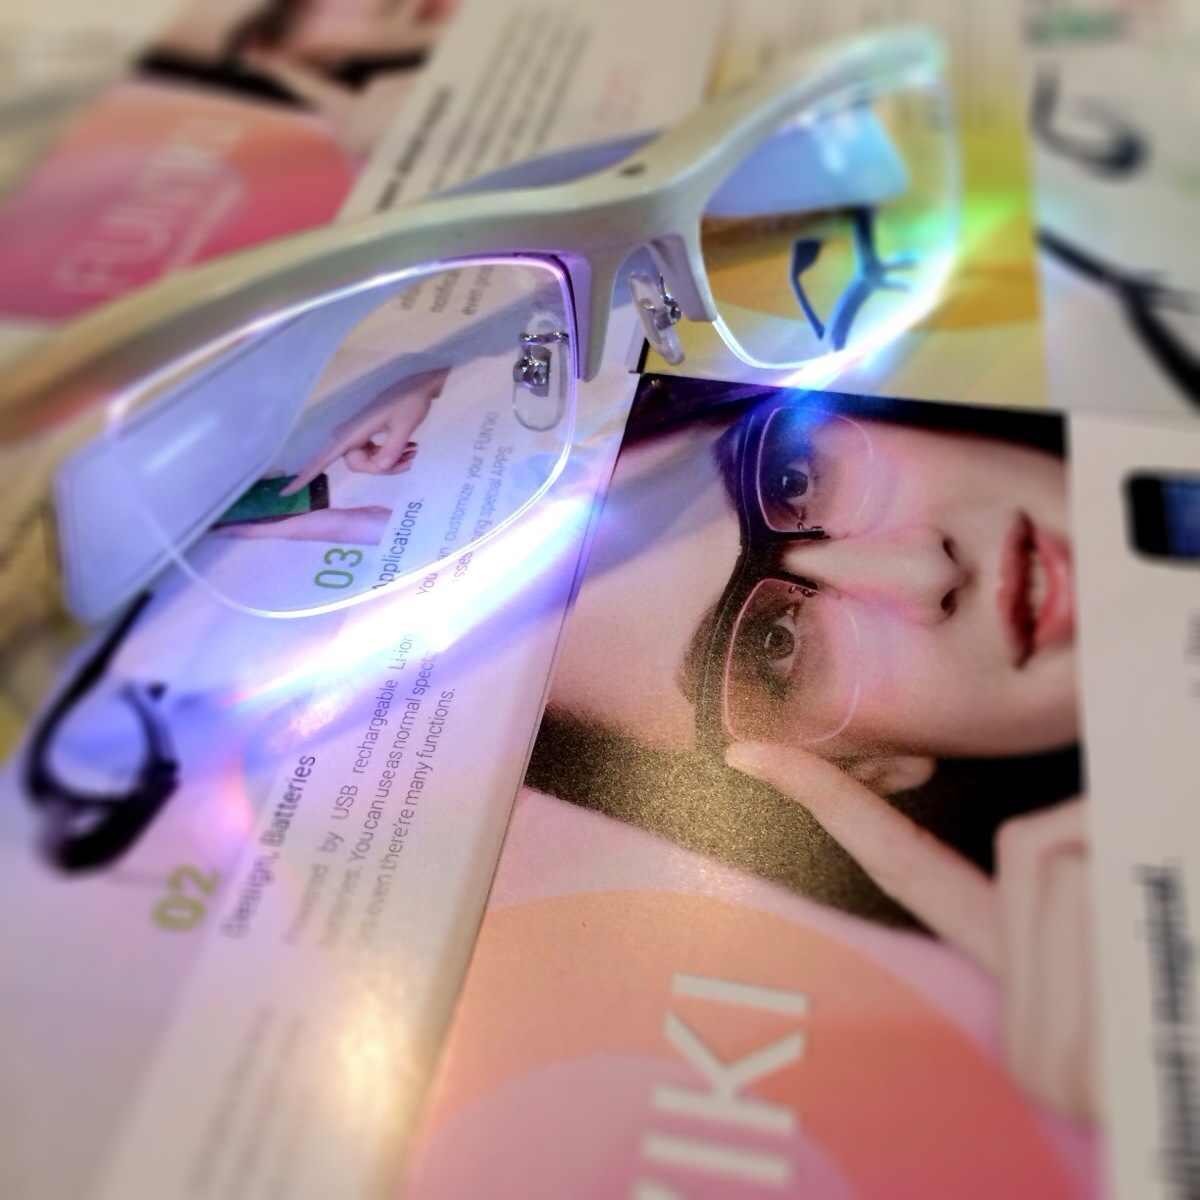 FUN-IKI-GLASSES